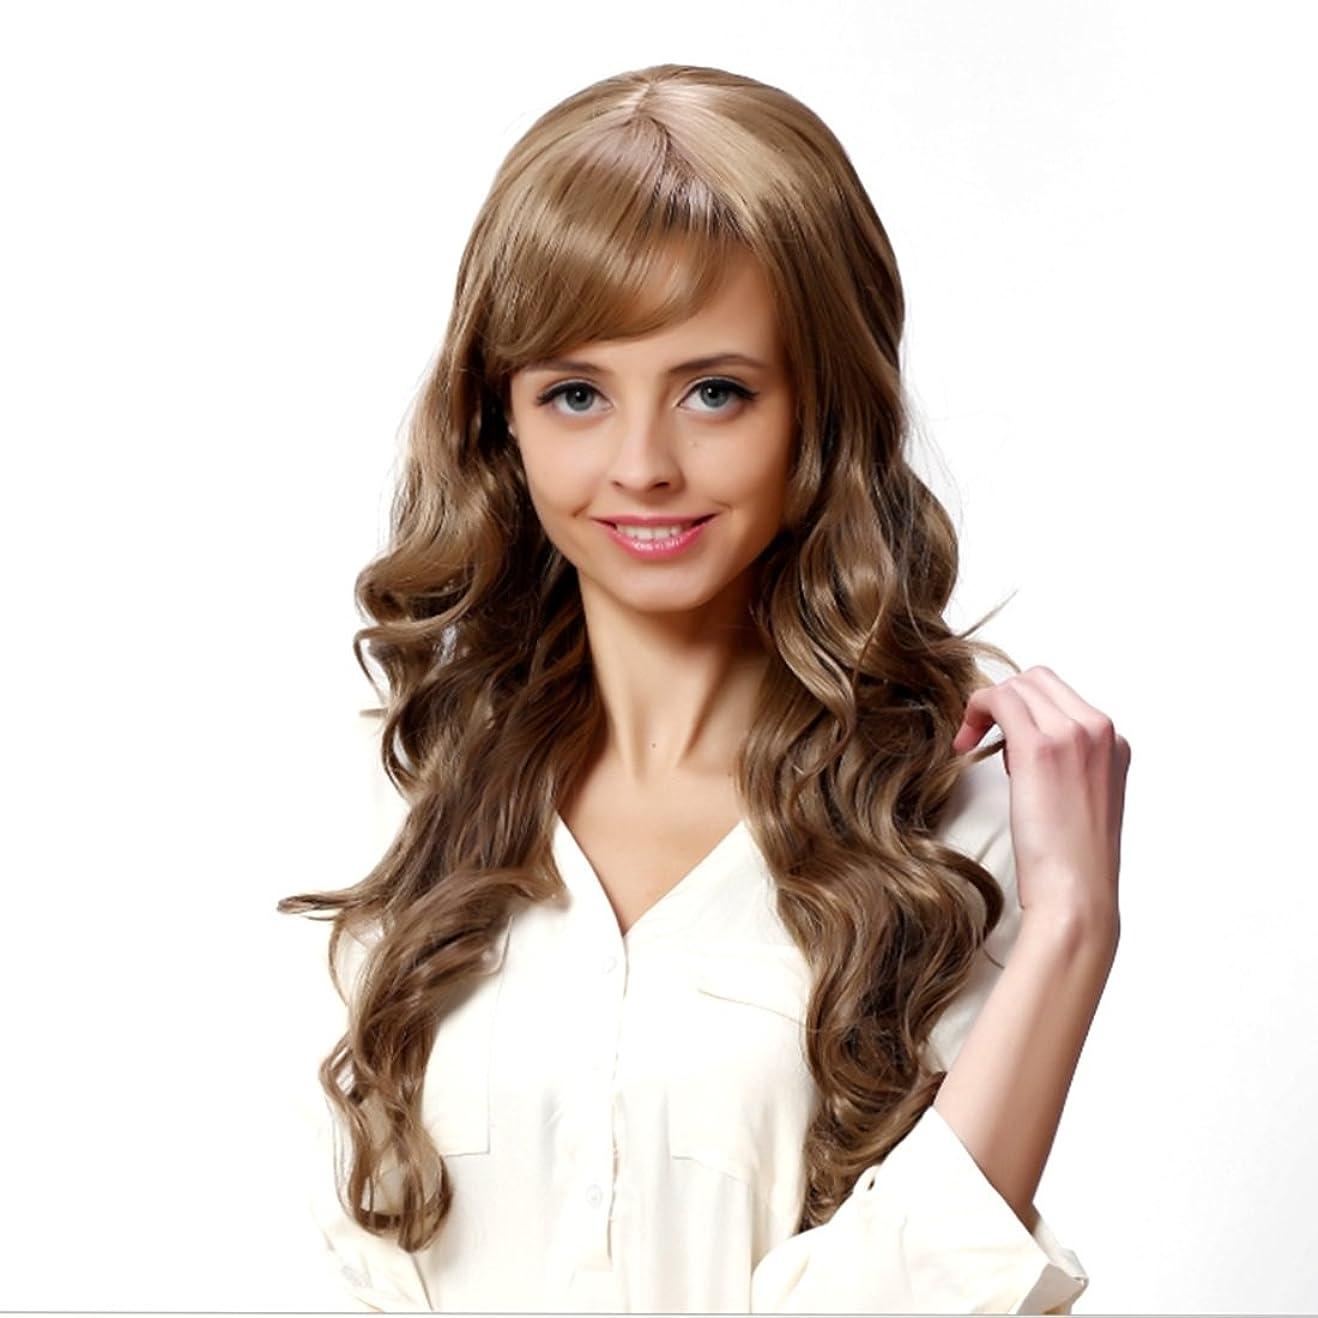 ハロウィンセントスタンドKoloeplf 女性のための現実的な大きな波状の長い縮毛のかつらフルサイズの頭のカーリーヘアフラフリな梨のフラワーウィッグ修正された顔の長さ21inch / 22inch(ブラウンブラック/ベージュ)のための斜めバンズウィッグ (Color : ブラウン)